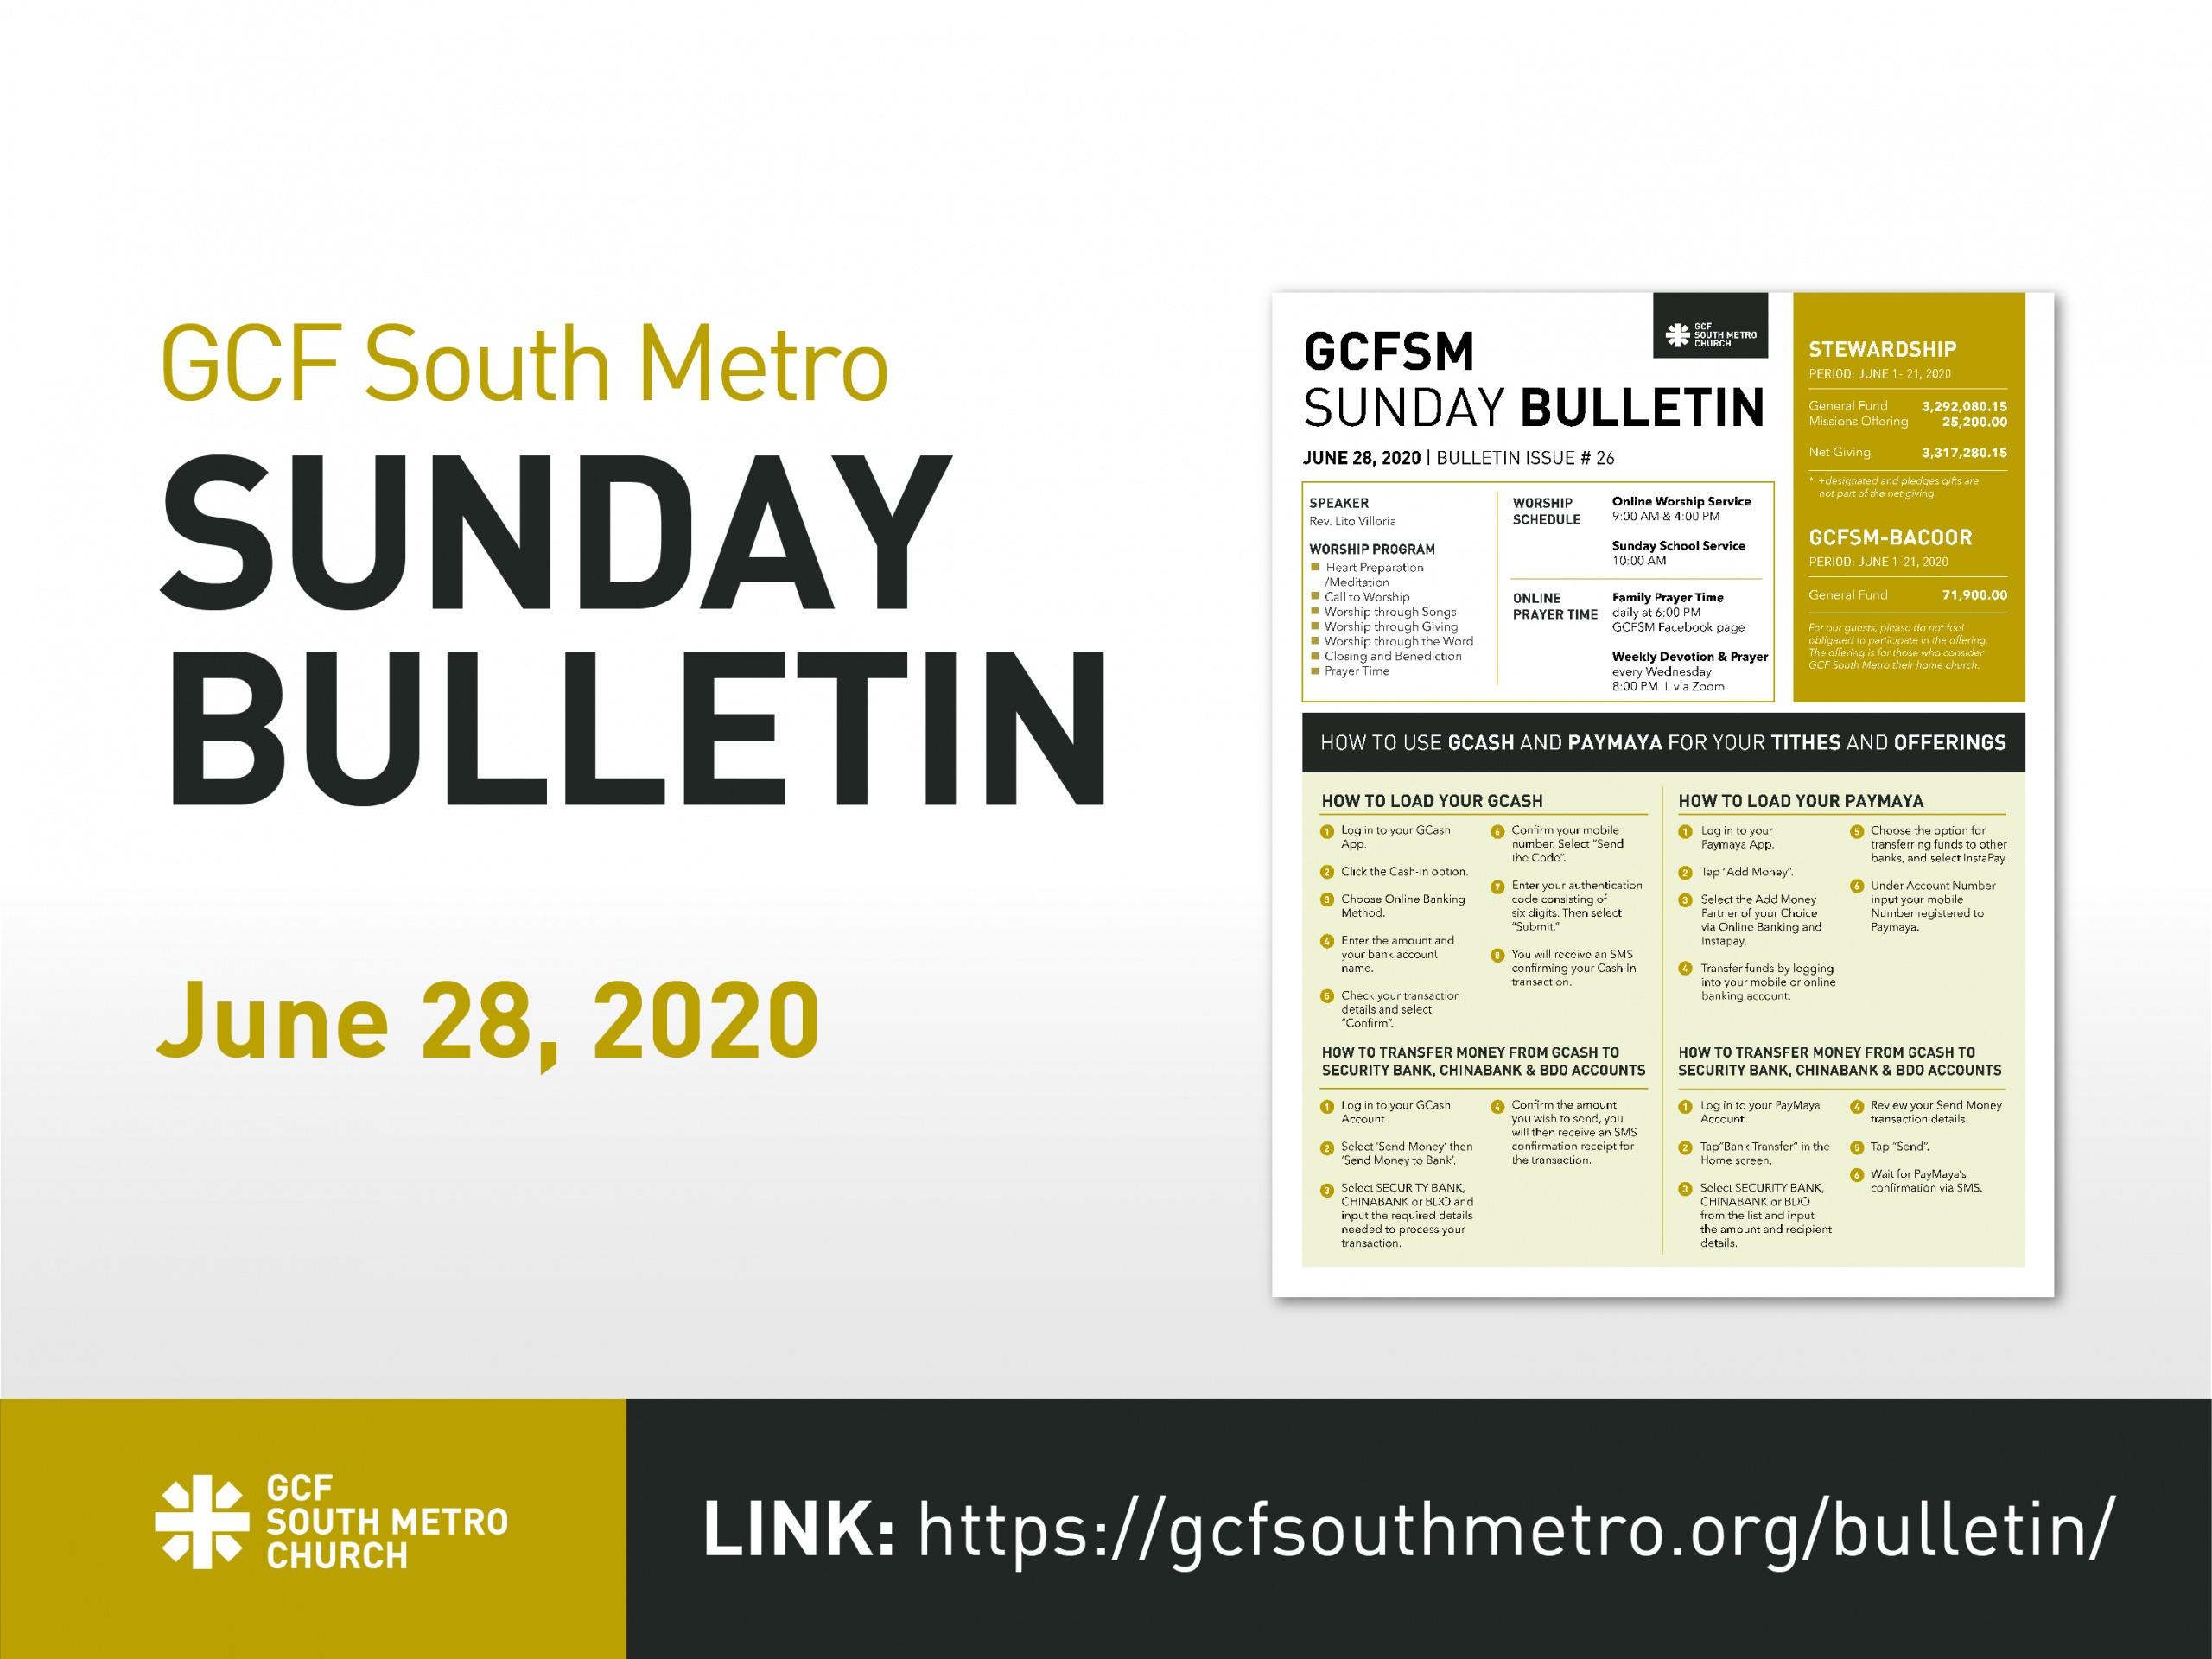 Sunday Bulletin, June 28, 2020